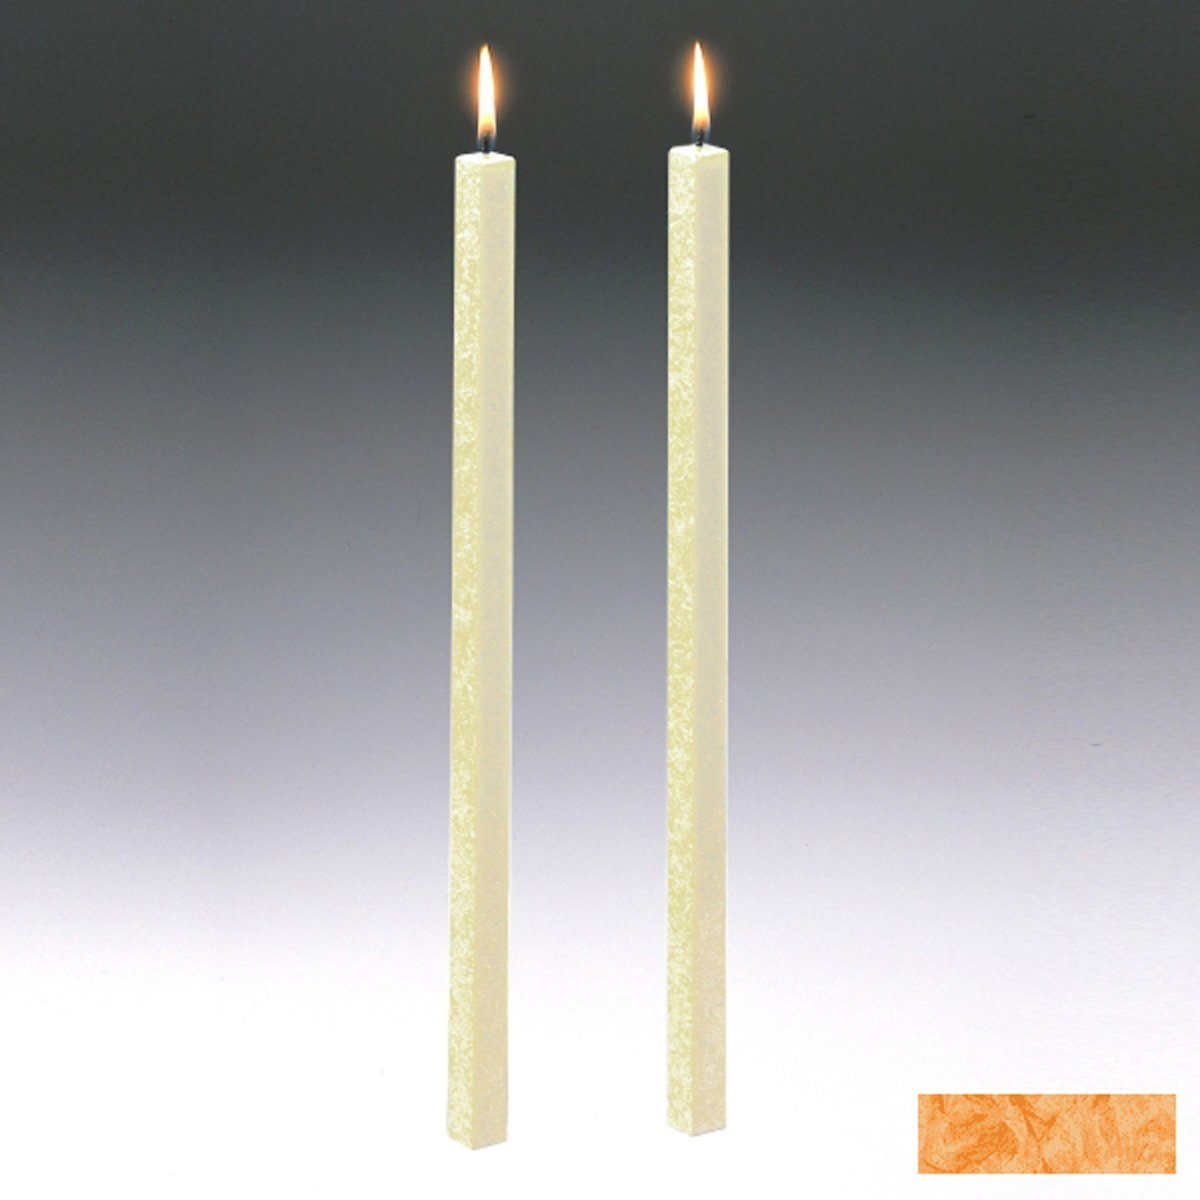 Amabiente Amabiente Kerze CLASSIC Aprikose 40cm - 2er Set